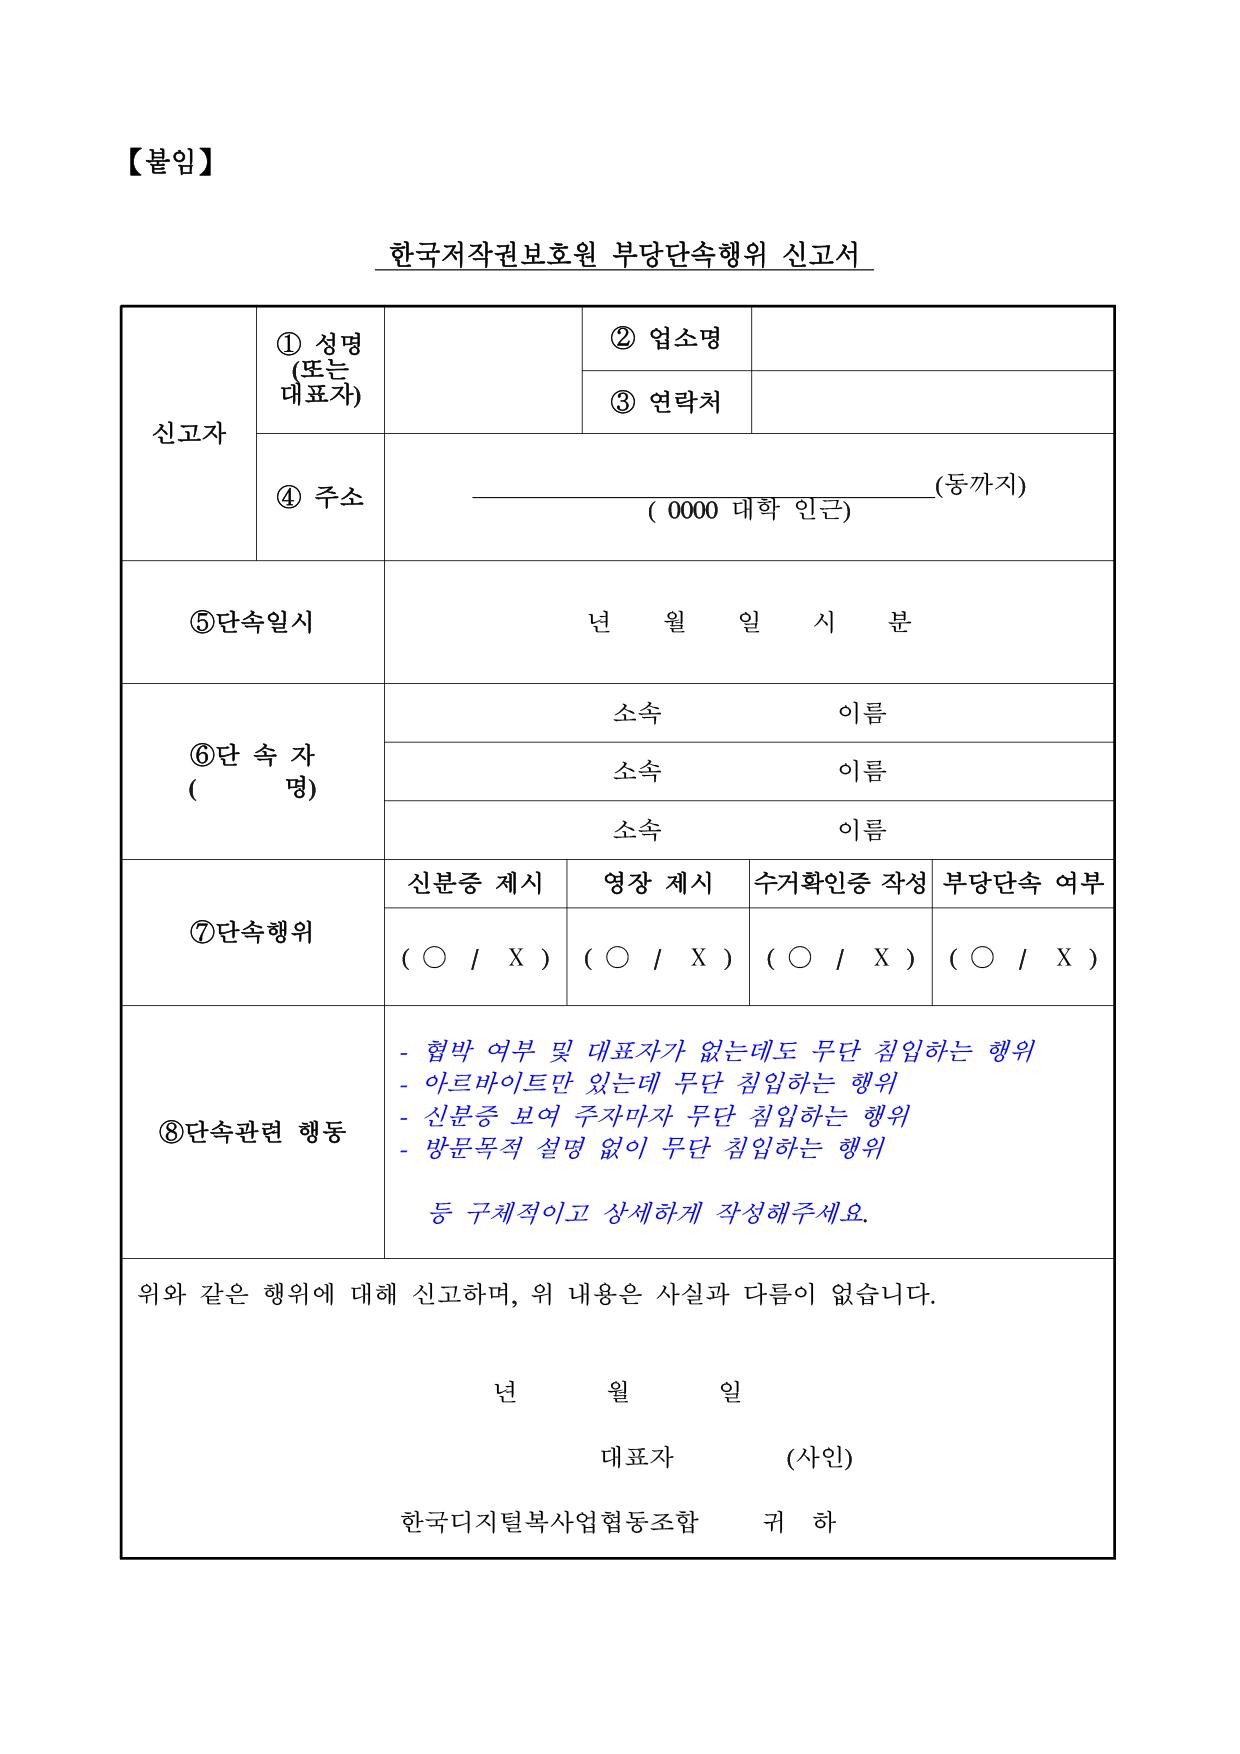 수정공문_회원사용-2.jpg